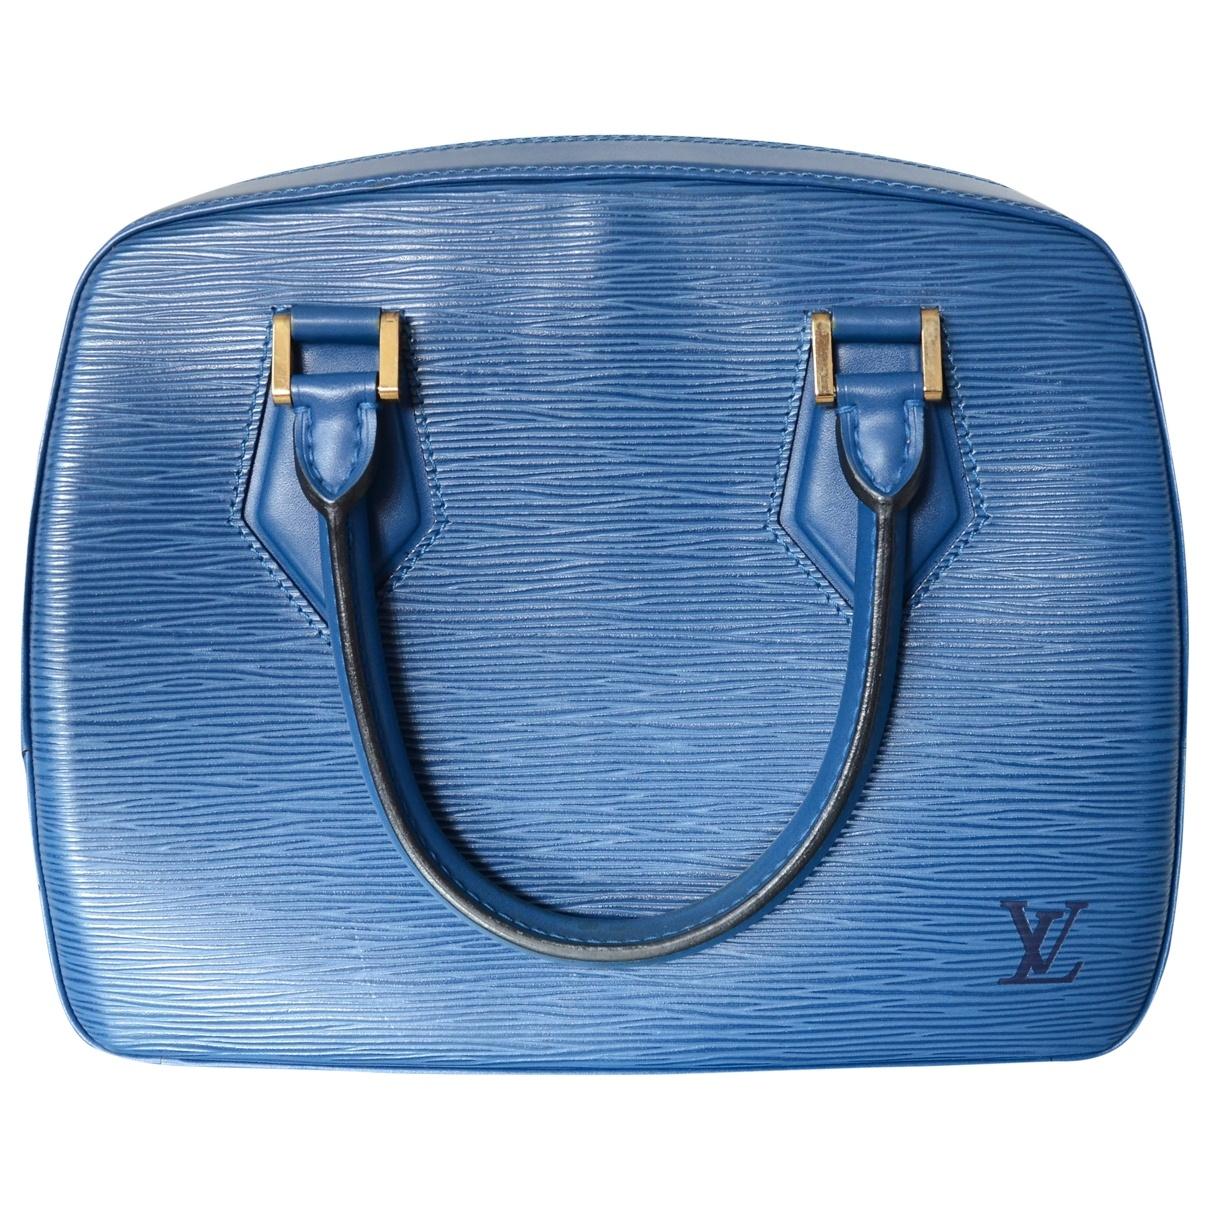 Louis Vuitton - Sac a main Sablon pour femme en cuir - bleu